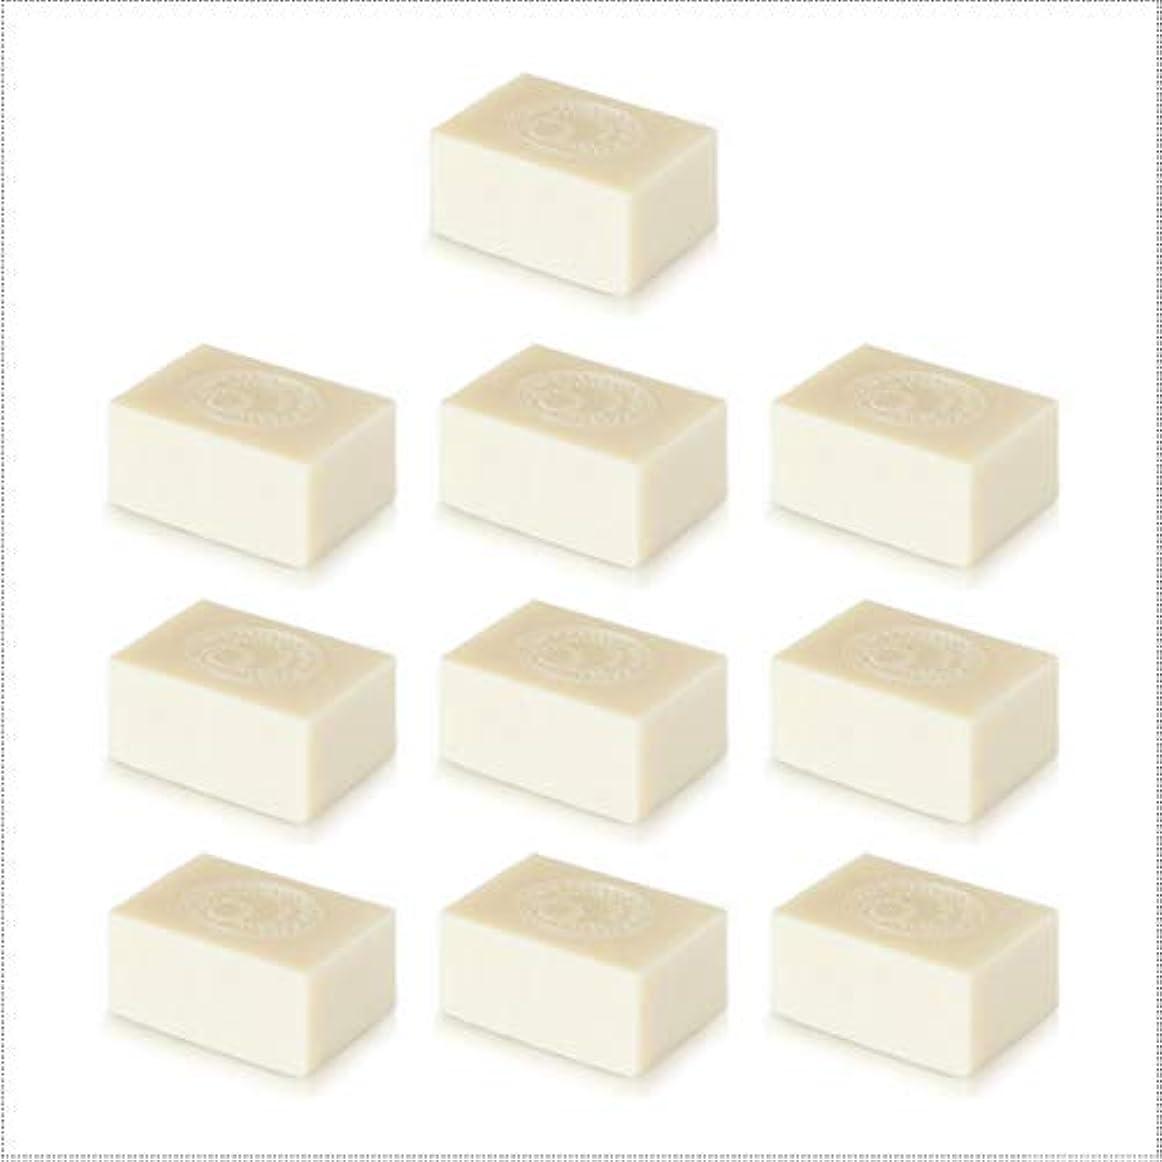 アルガン石鹸10個セット( 145g ×10個) ナイアードの無添加アルガン石鹸